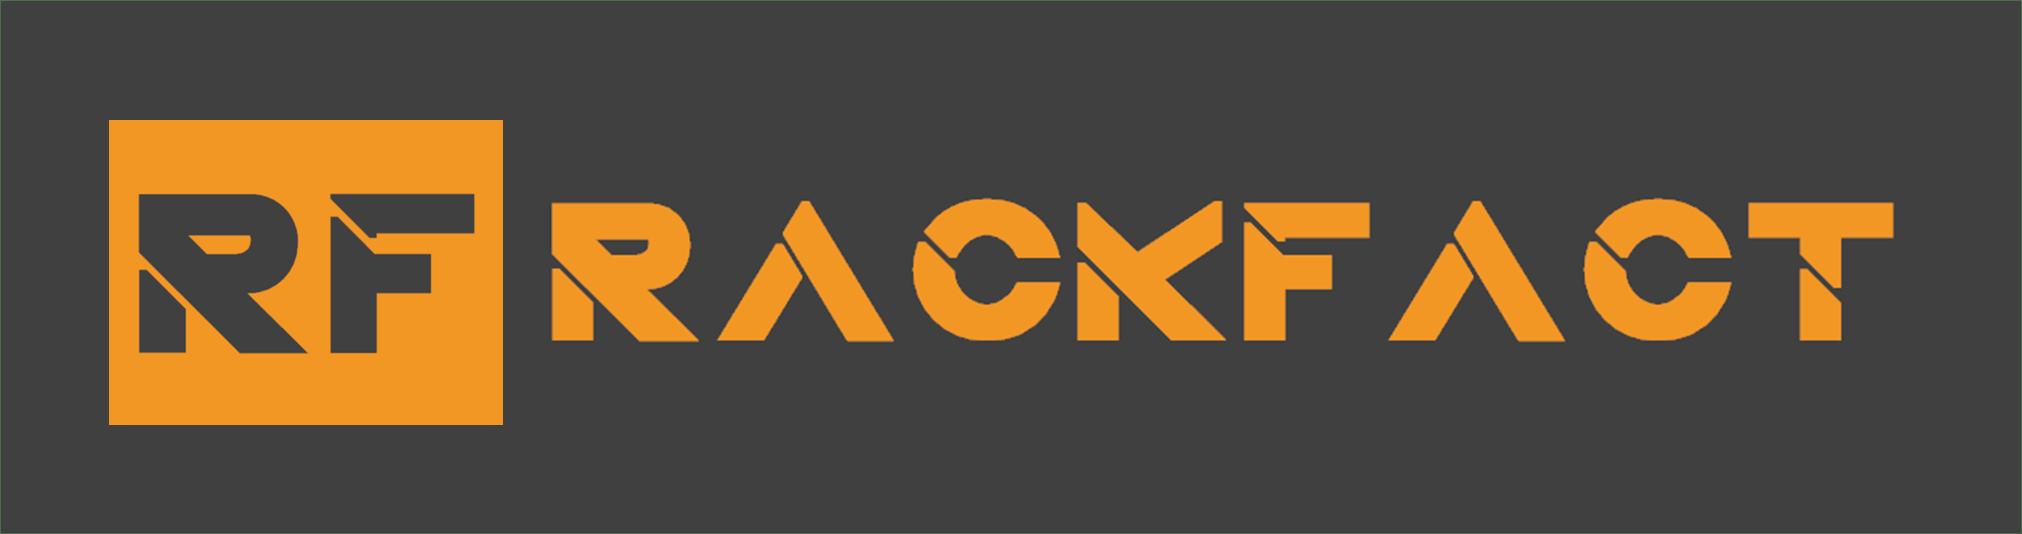 rackfact